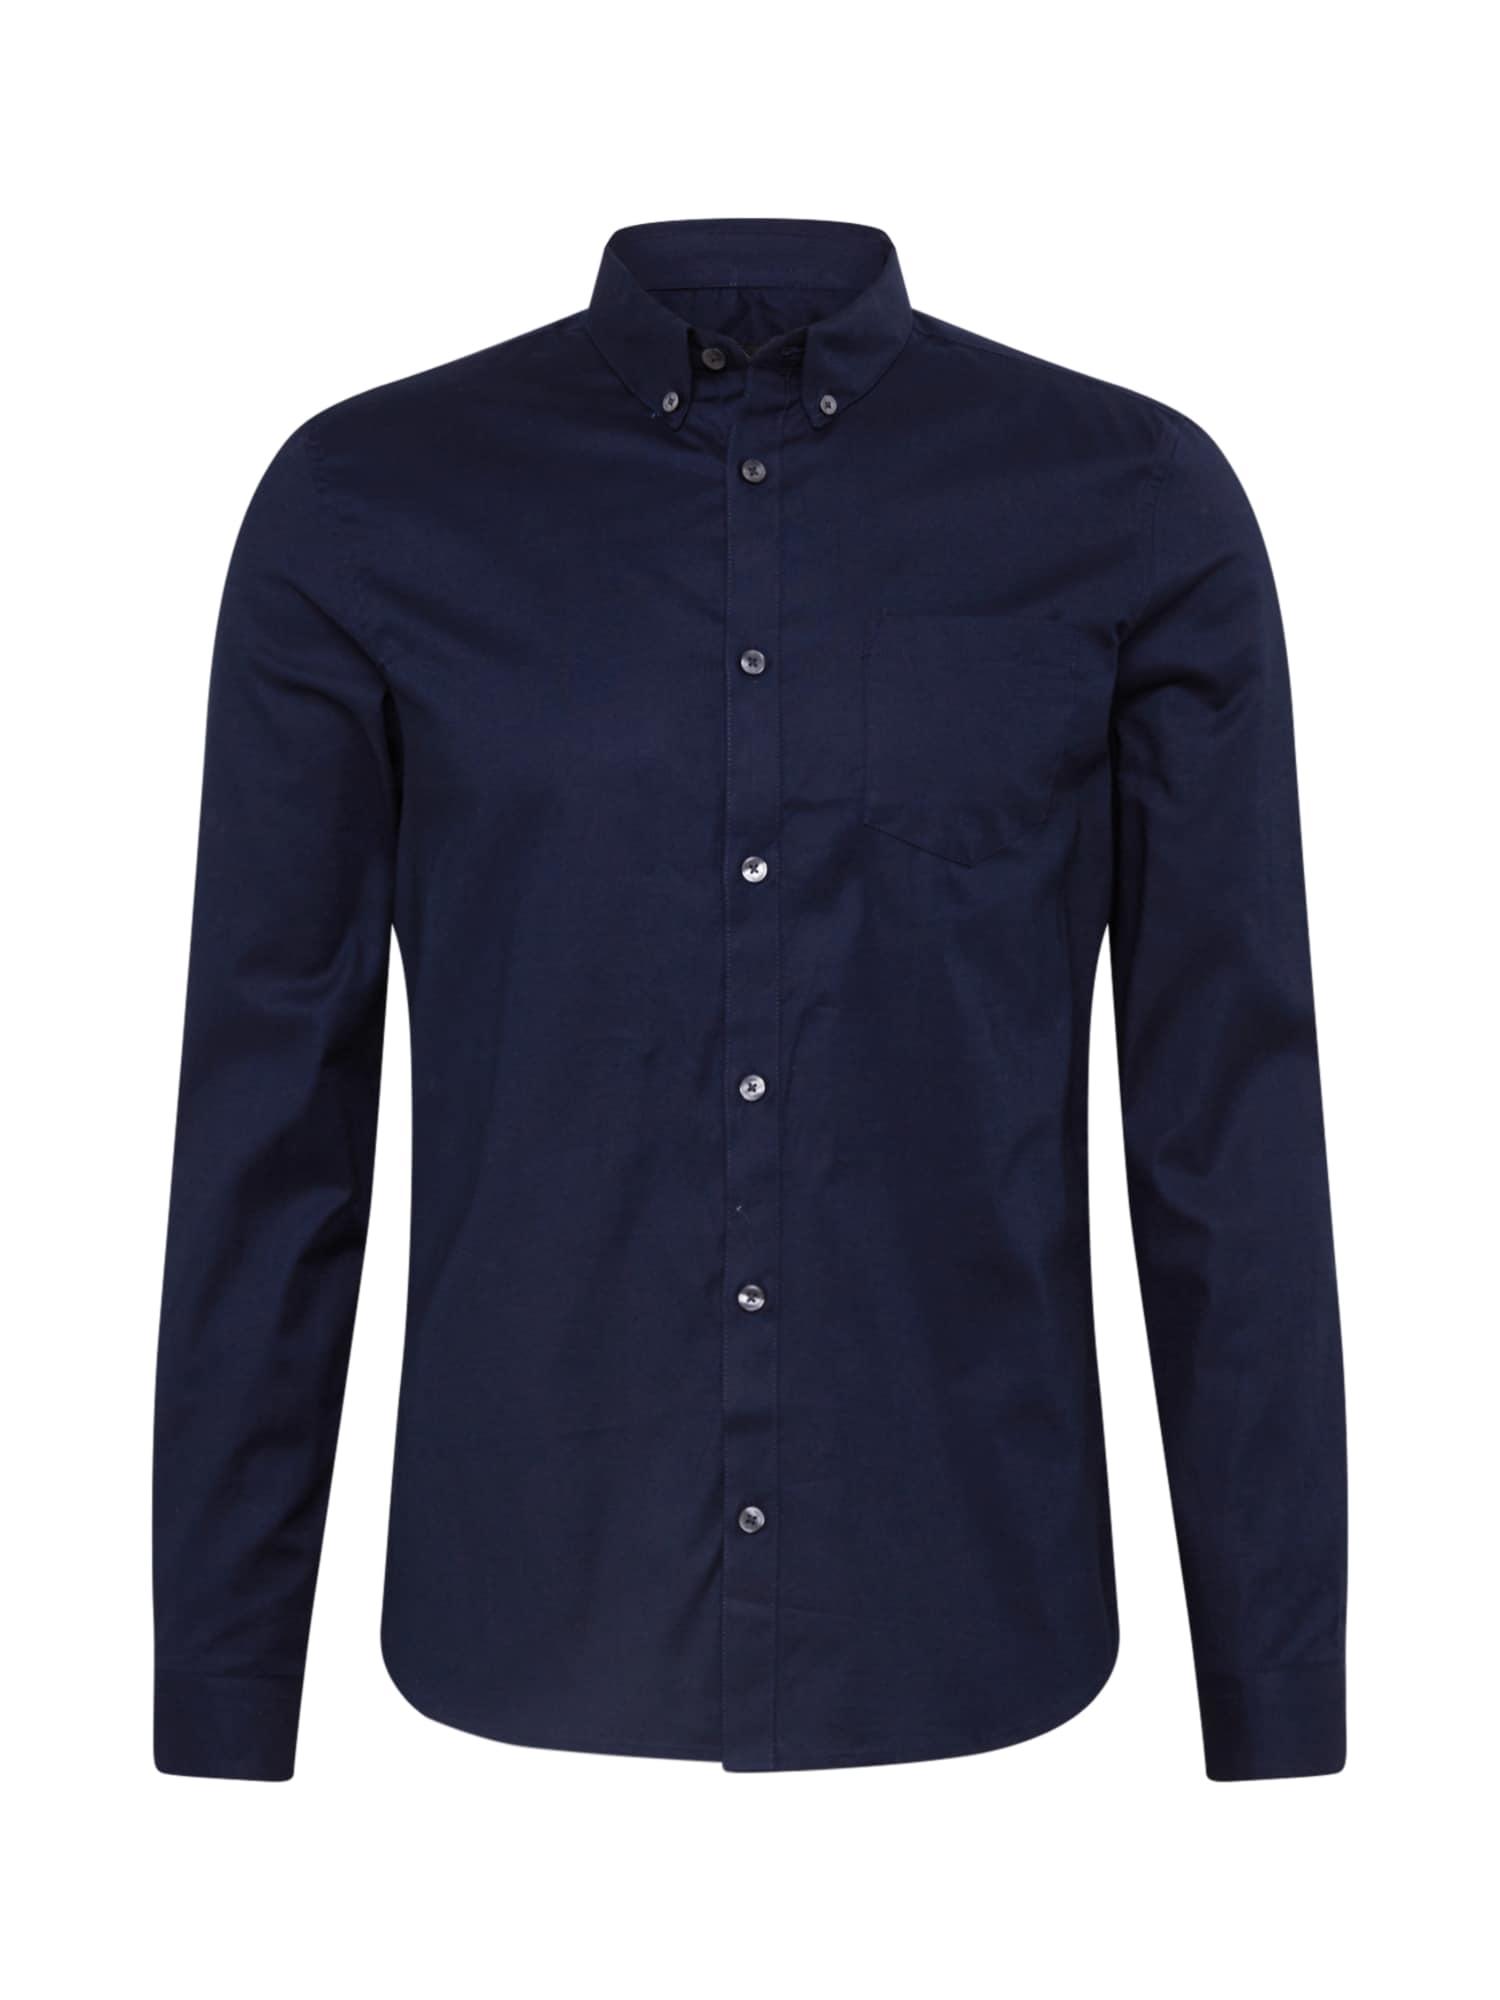 BURTON MENSWEAR LONDON Dalykinio stiliaus marškiniai tamsiai mėlyna